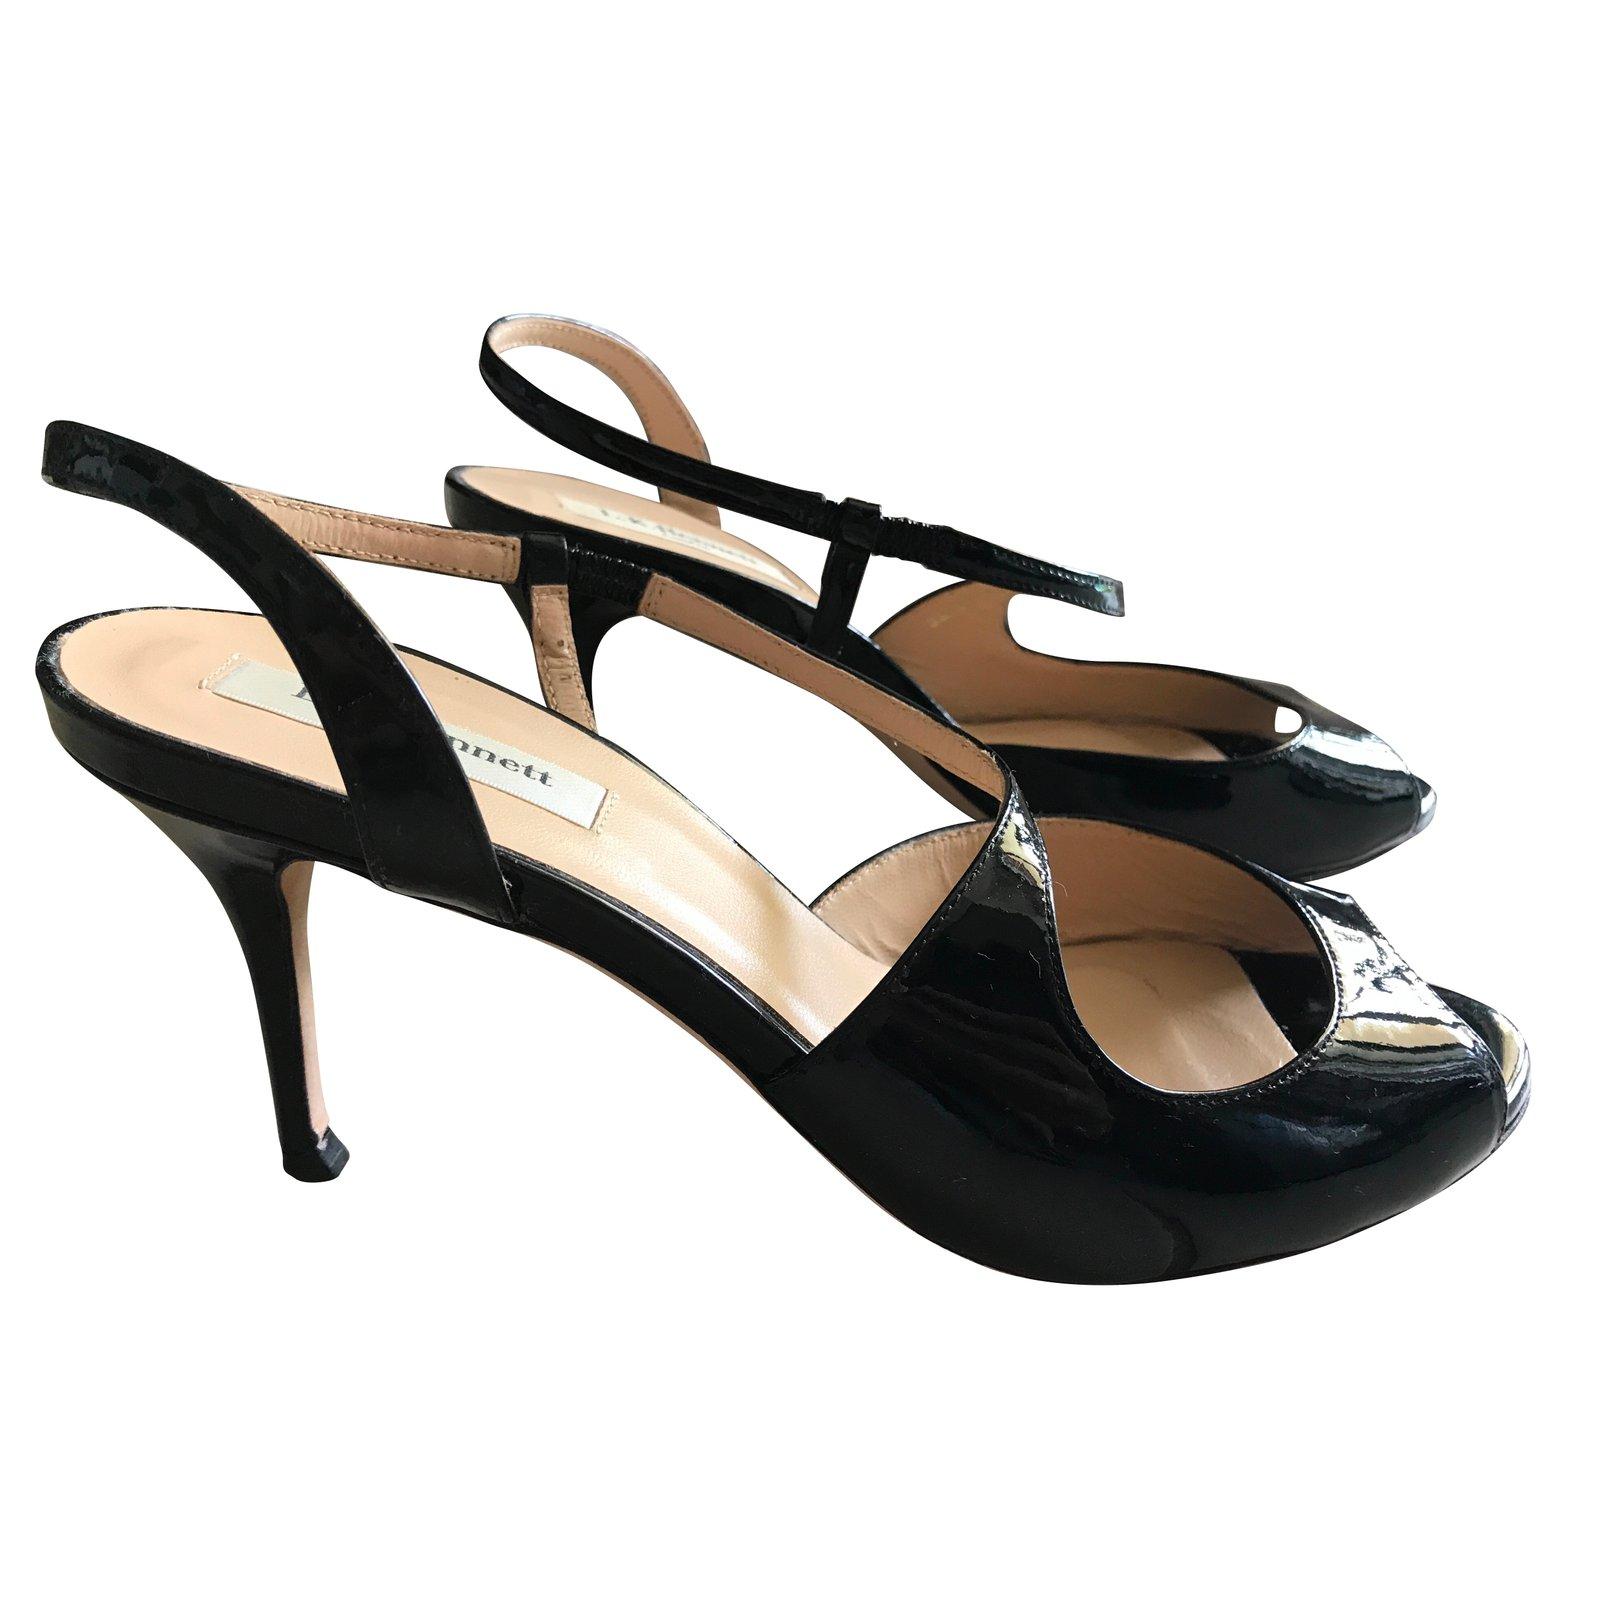 sandales lk bennett sandales cuir vernis noir joli closet. Black Bedroom Furniture Sets. Home Design Ideas